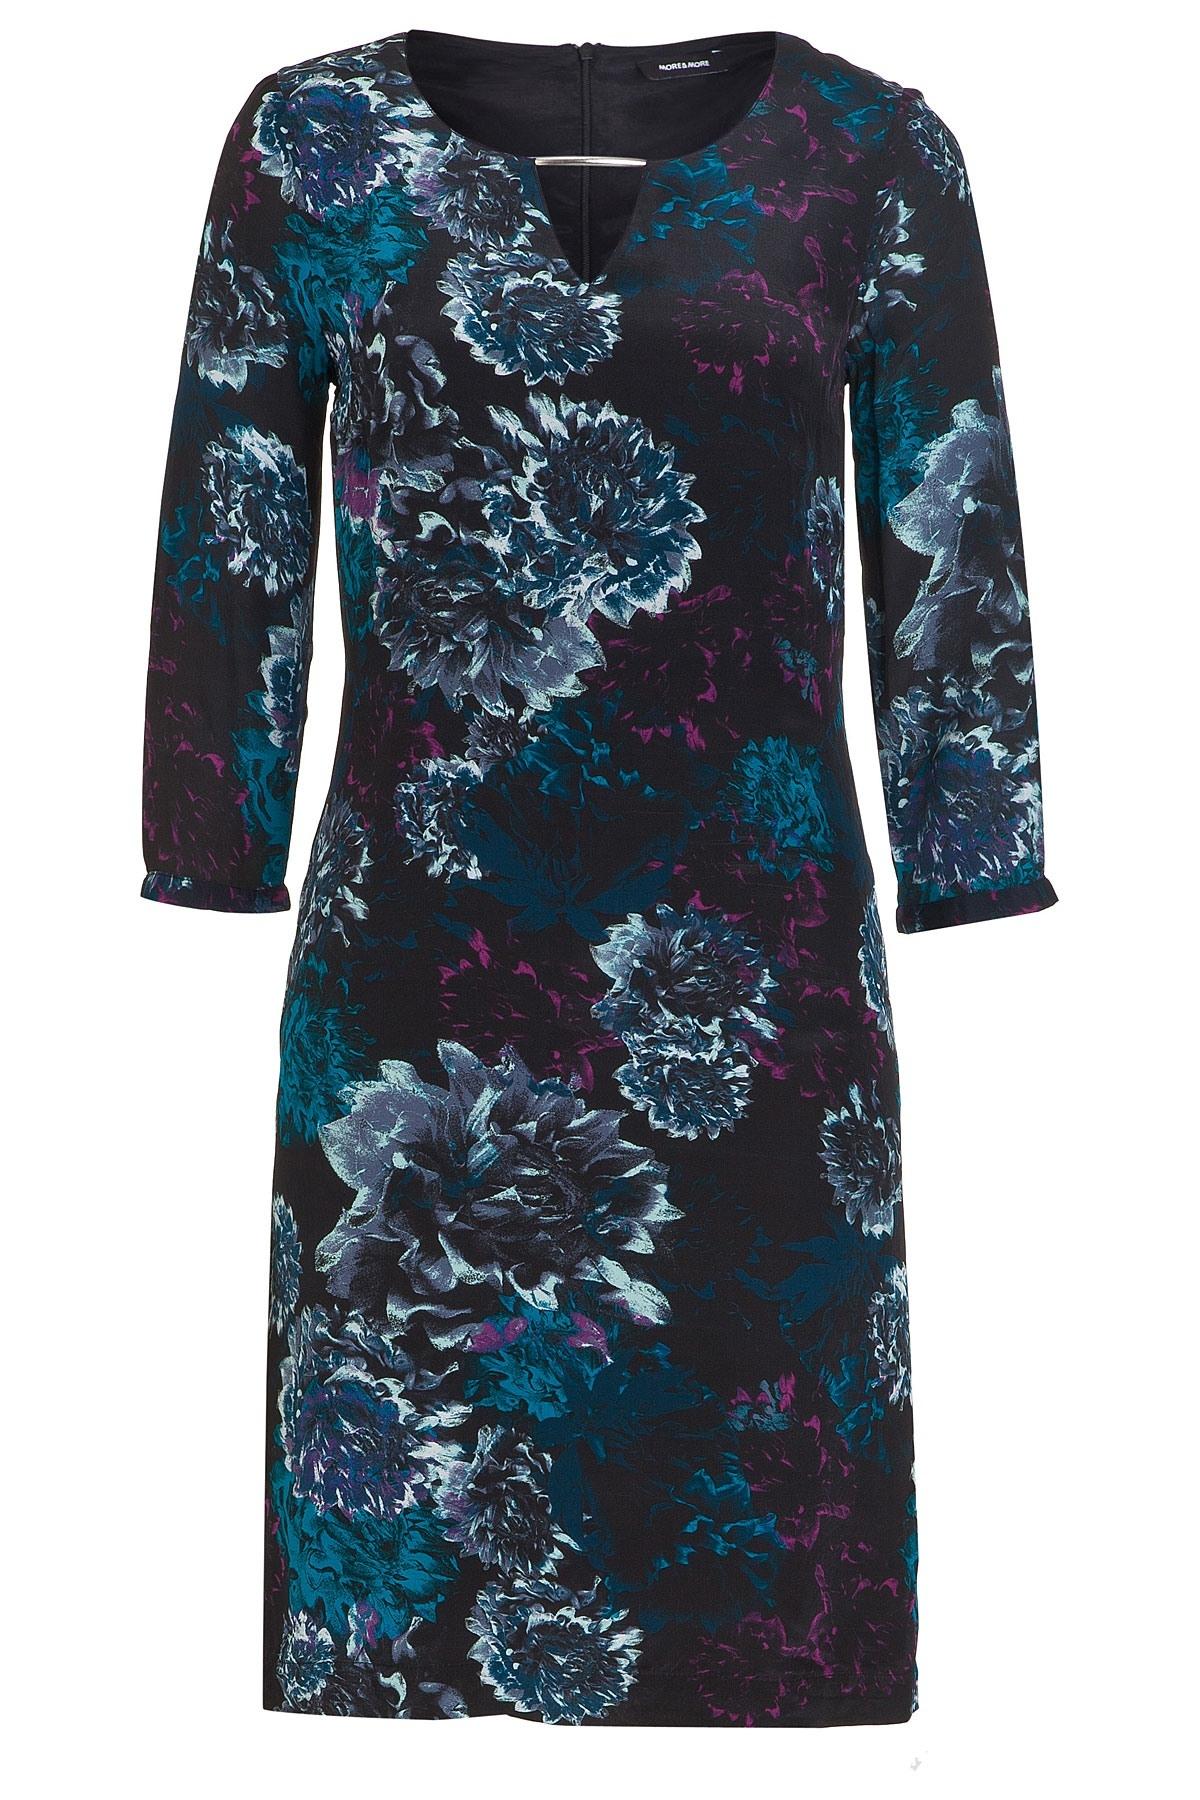 Formal Einfach Abendkleider Kostenloser Versand Spezialgebiet17 Ausgezeichnet Abendkleider Kostenloser Versand Ärmel